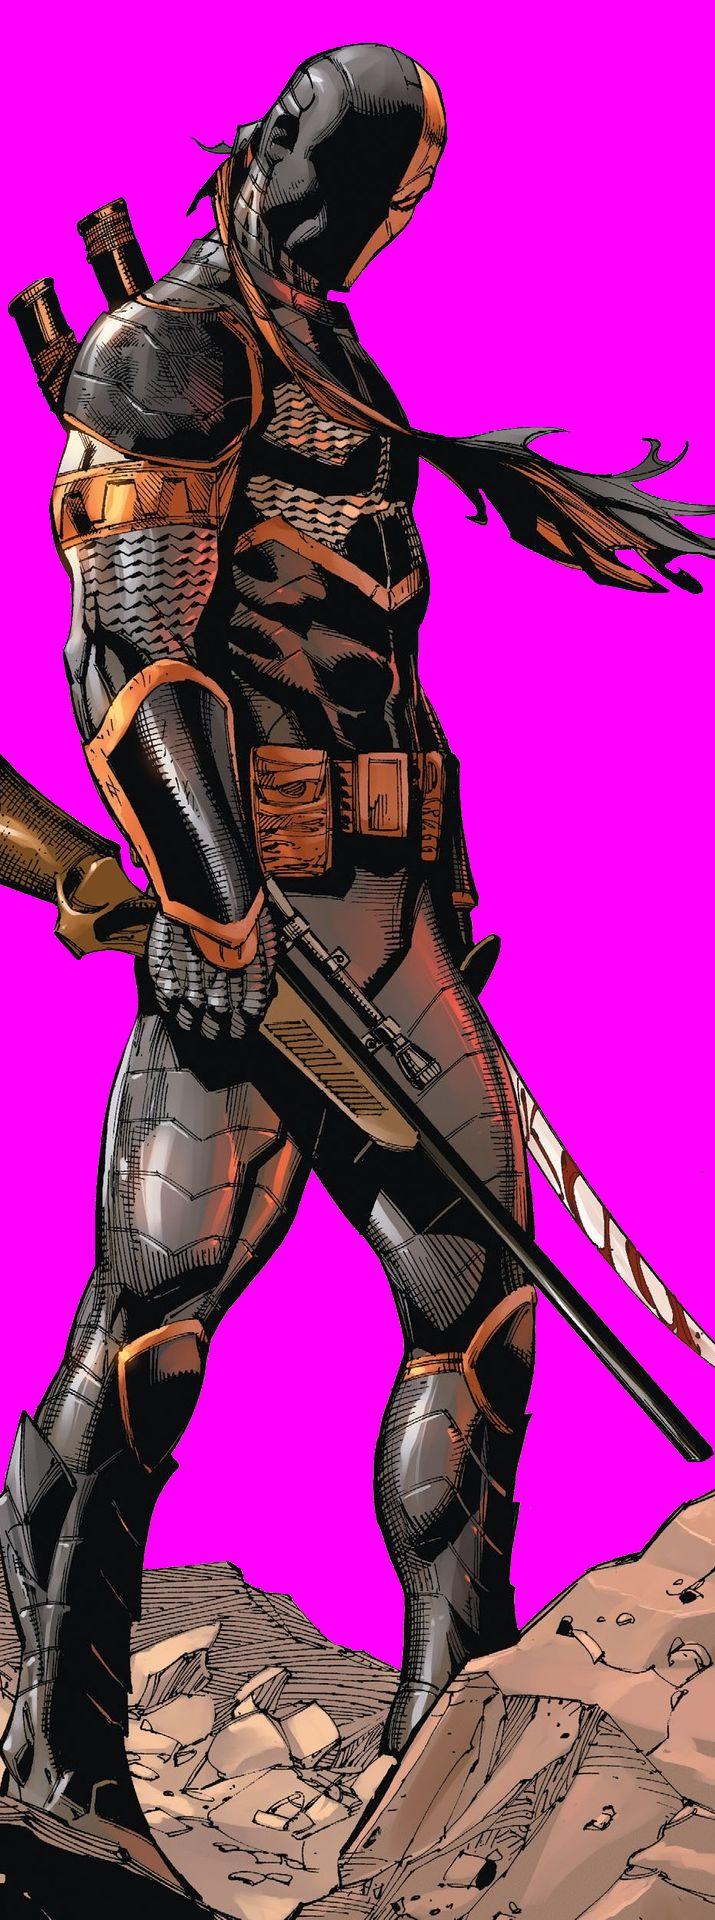 Slade Wilson in Deathstroke #2